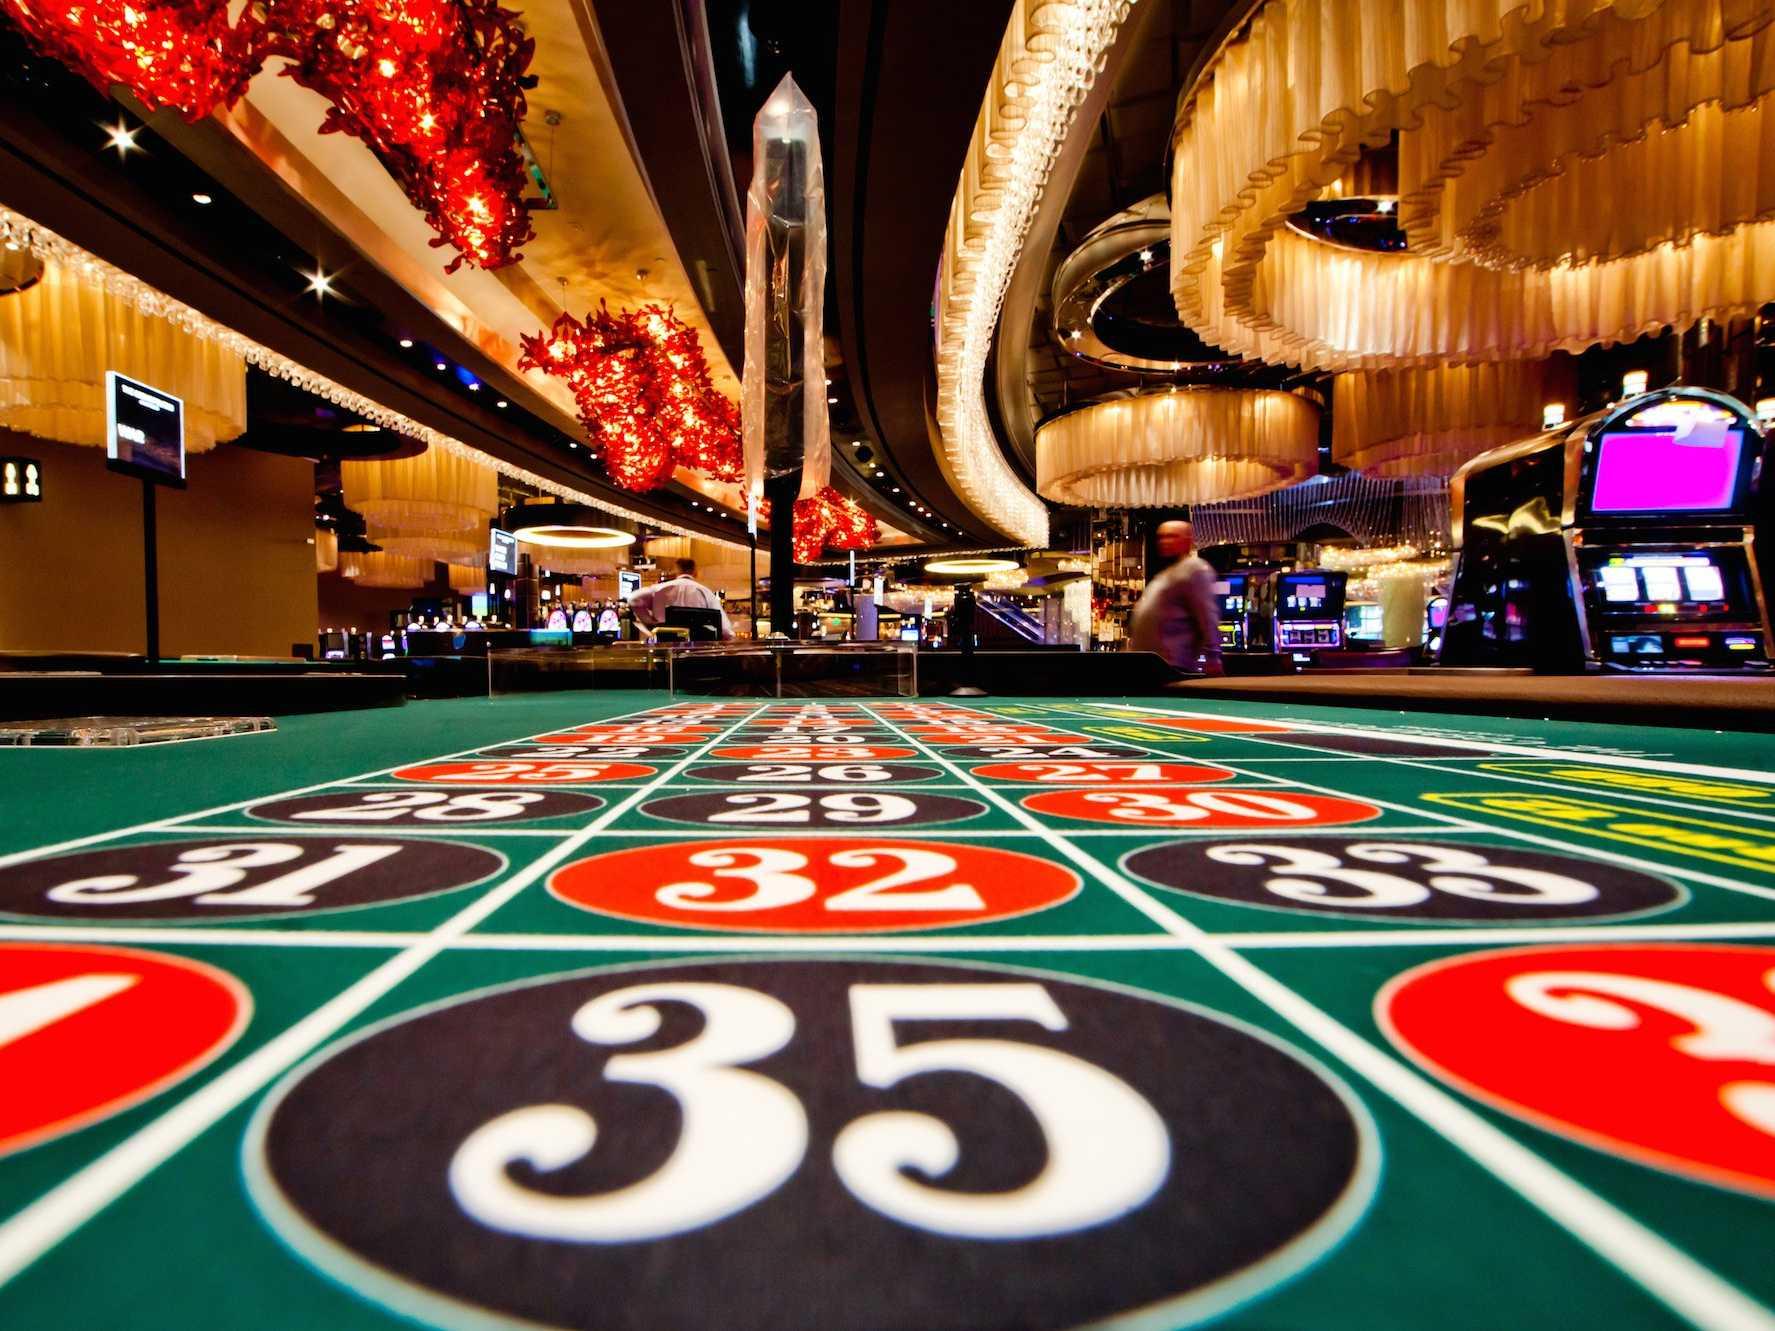 In Sardegna crescono le spese per il gioco d'azzardo ma manca un casinò